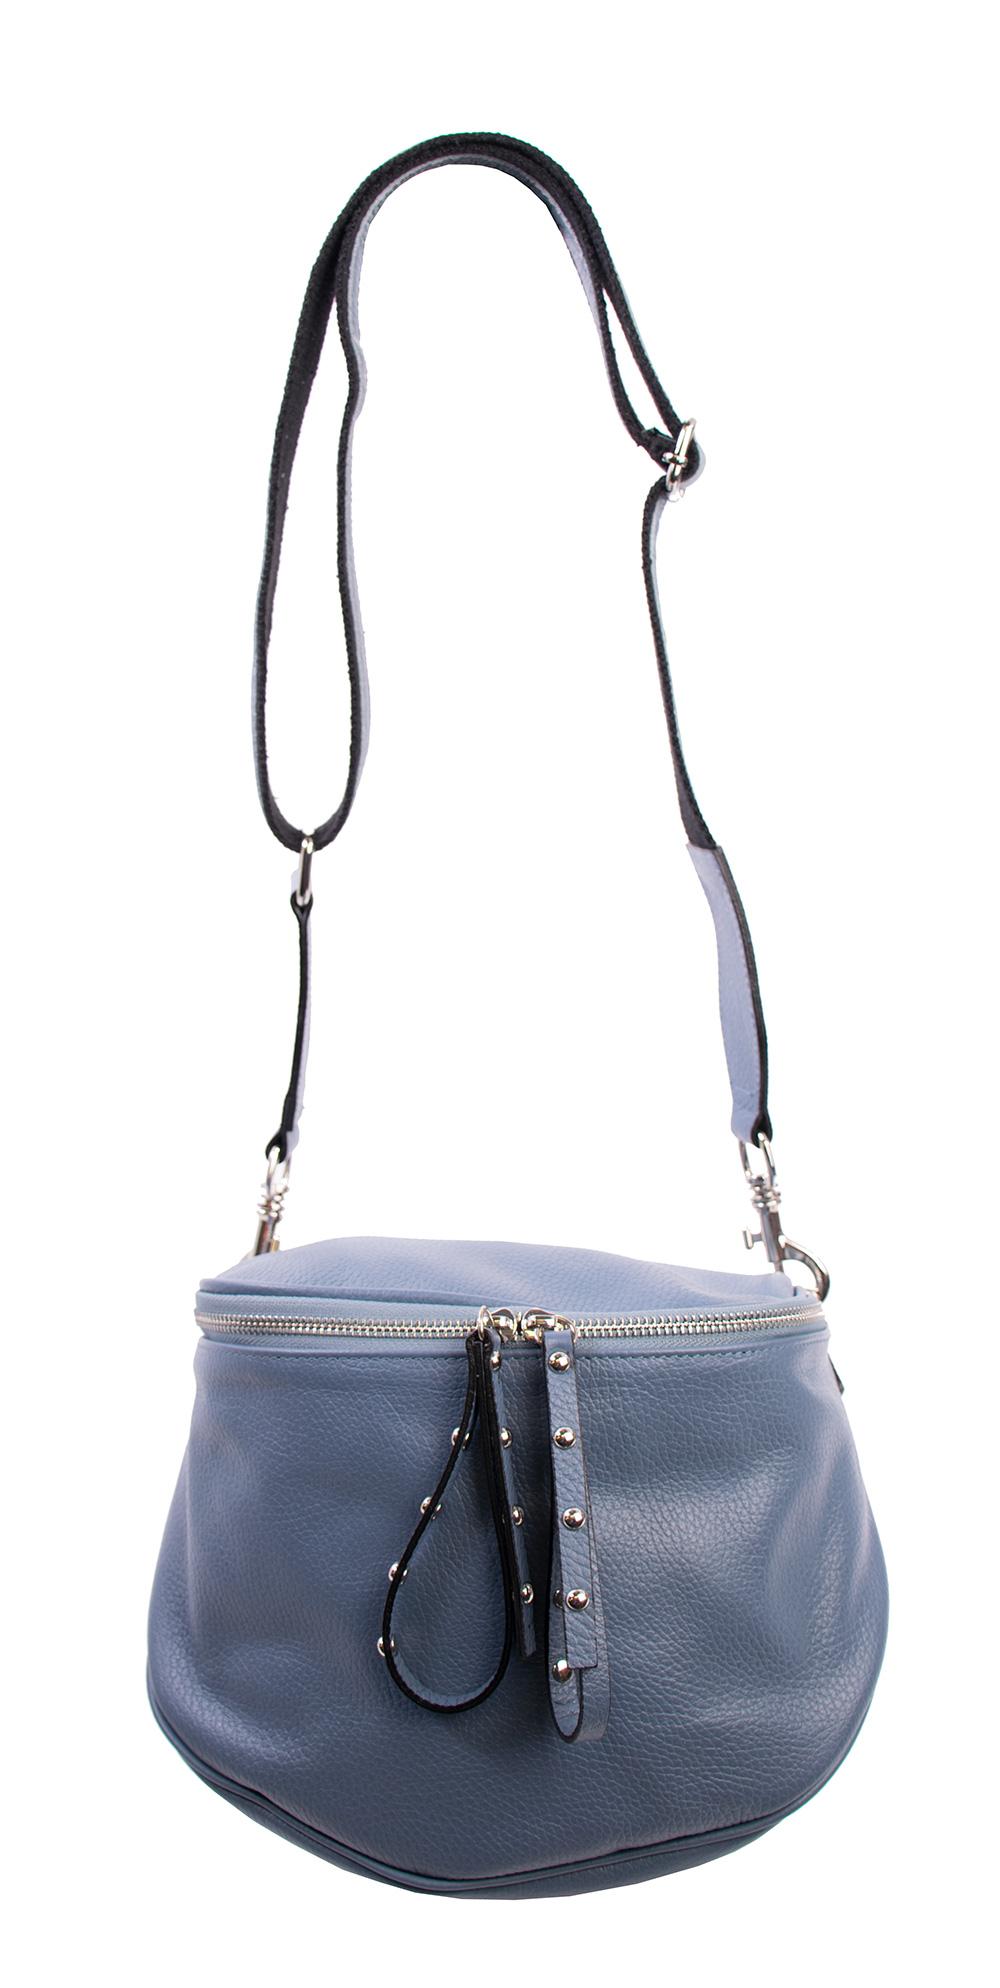 da58148006e1 Bags and More Claire Világos kék Női Bőr Oldaltáska | bagsnmore.hu